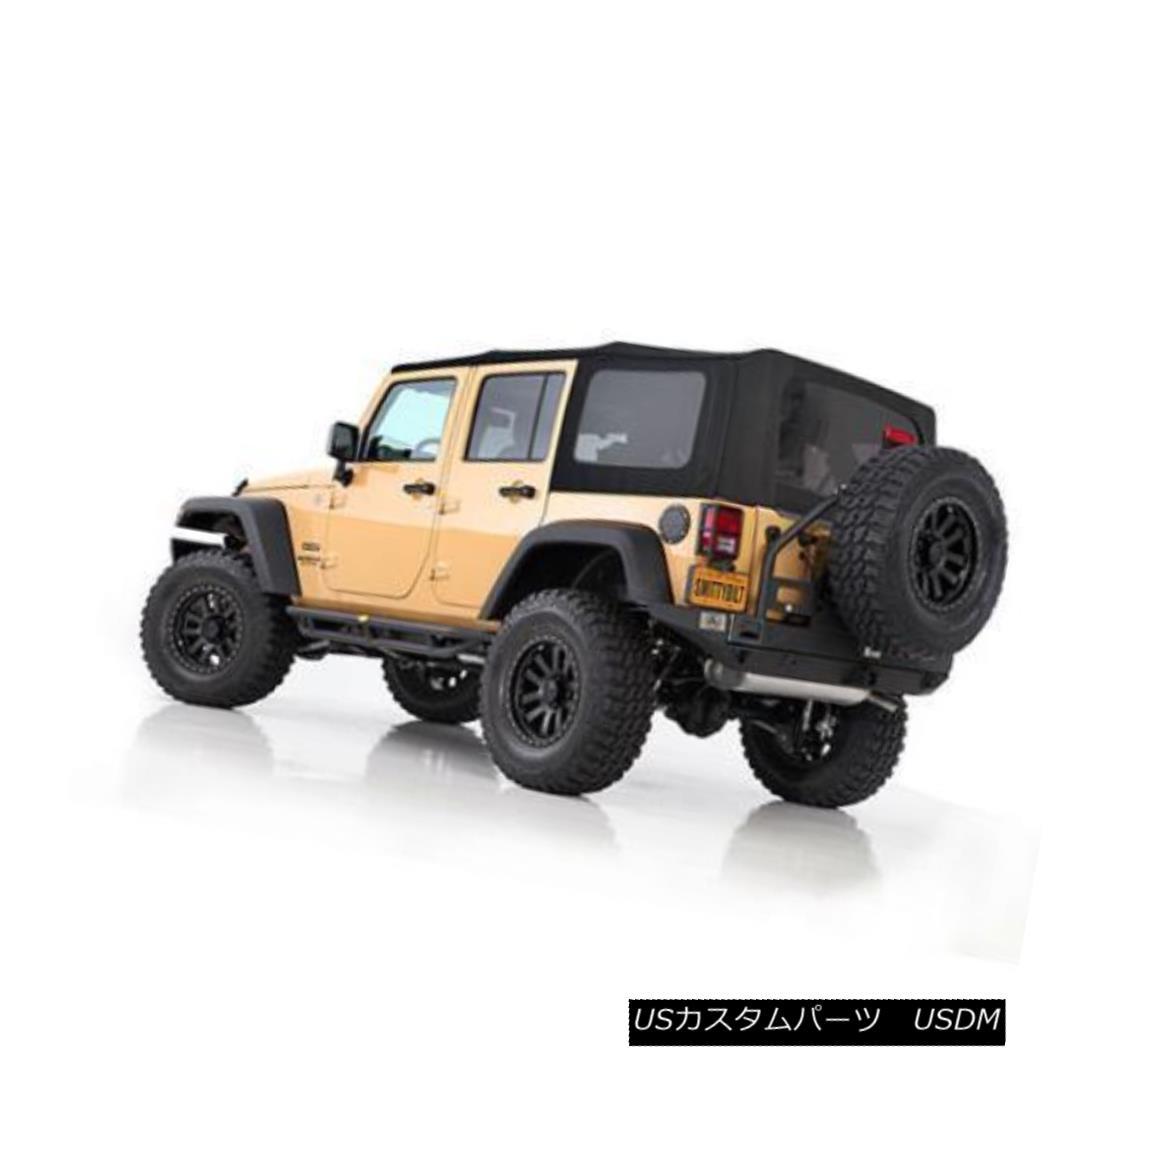 幌・ソフトトップ Jeep Wrangler JK Soft Top Premium 10-16 4 DR OEM Replacement Black 9086235 ジープラングラーJKソフトトッププレミアム10-16 4 DR OEM交換用ブラック9086235